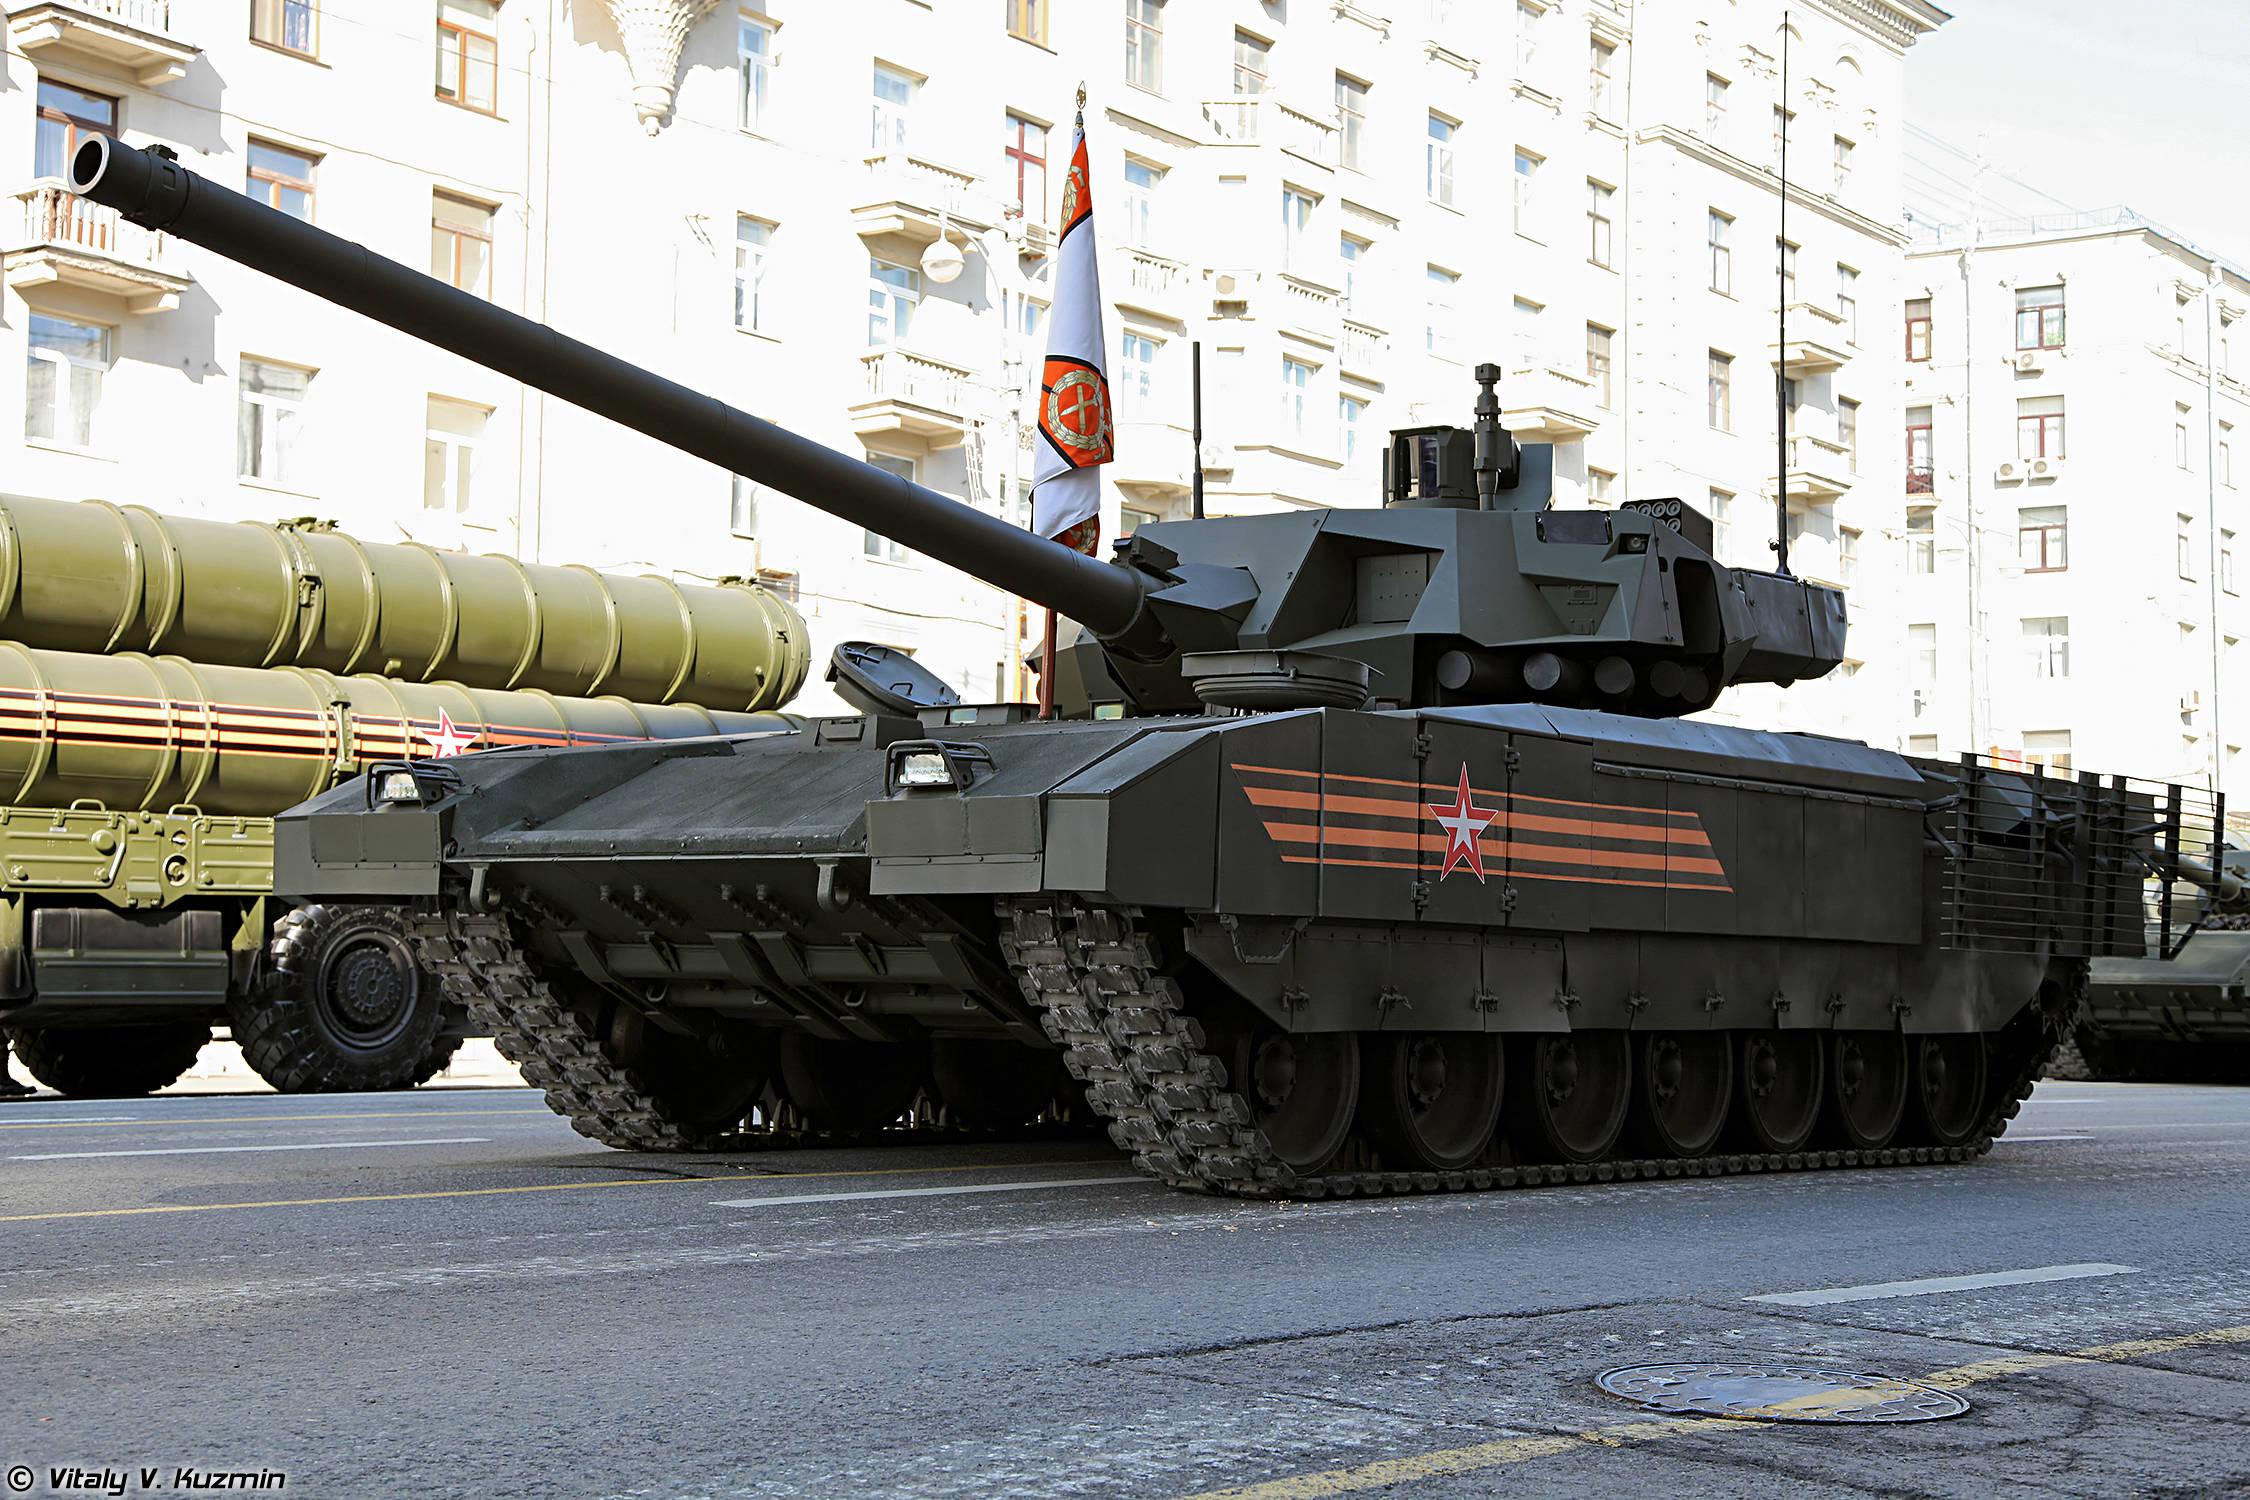 阿玛塔坦克将于2022年装备俄军